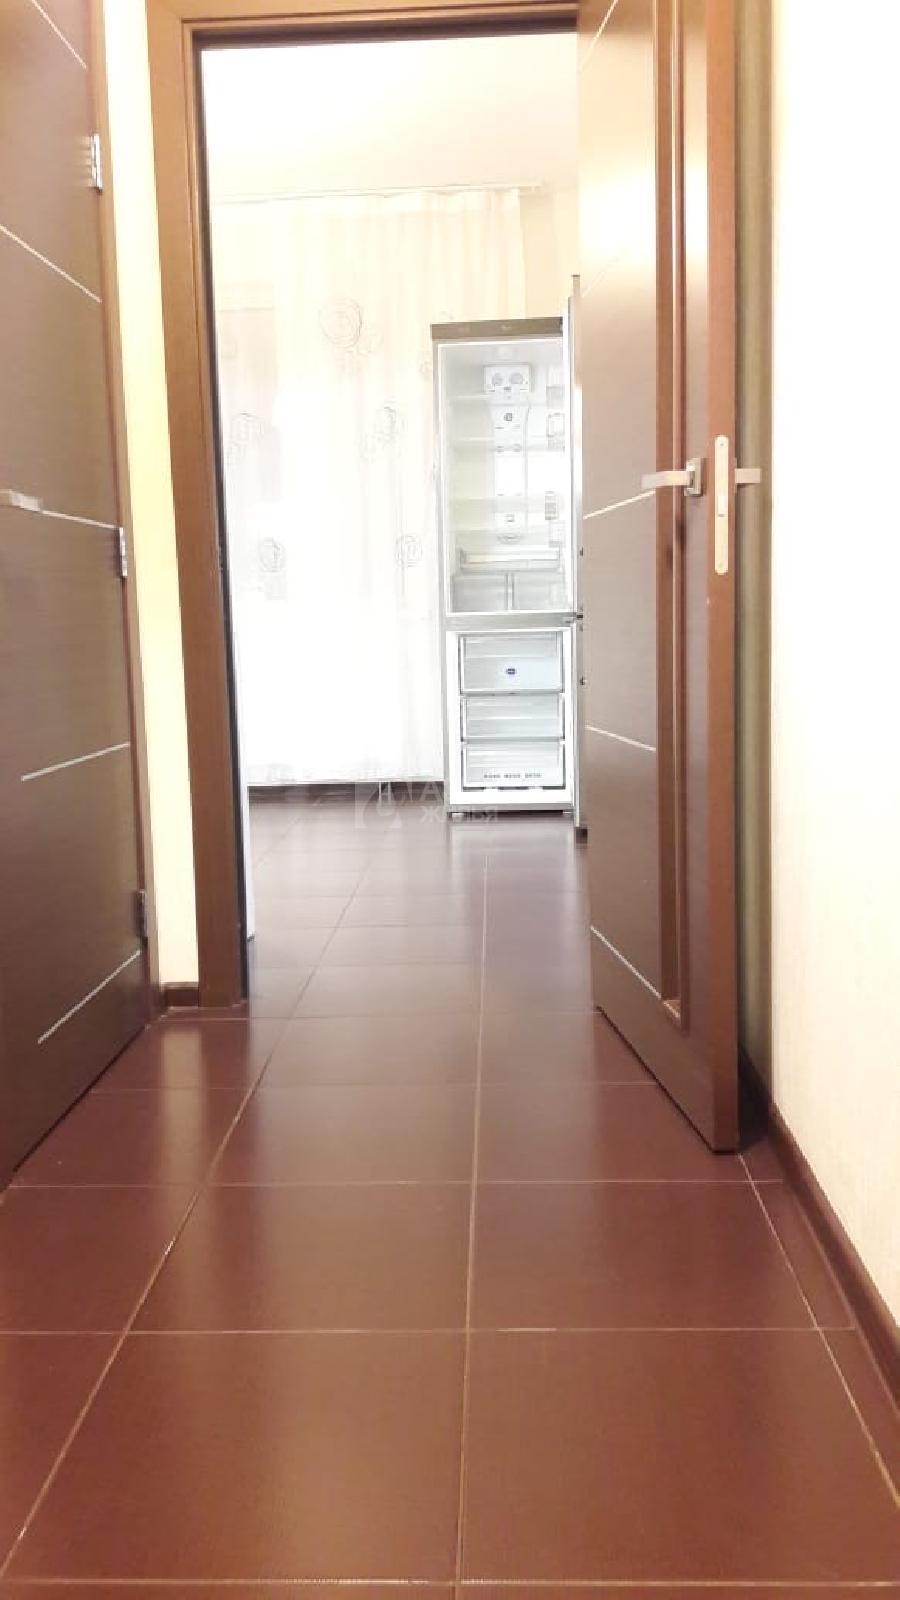 Фото №3 - 2-комнатная квартира, Москва, Митинская улица 28 корпус 2, метро Митино